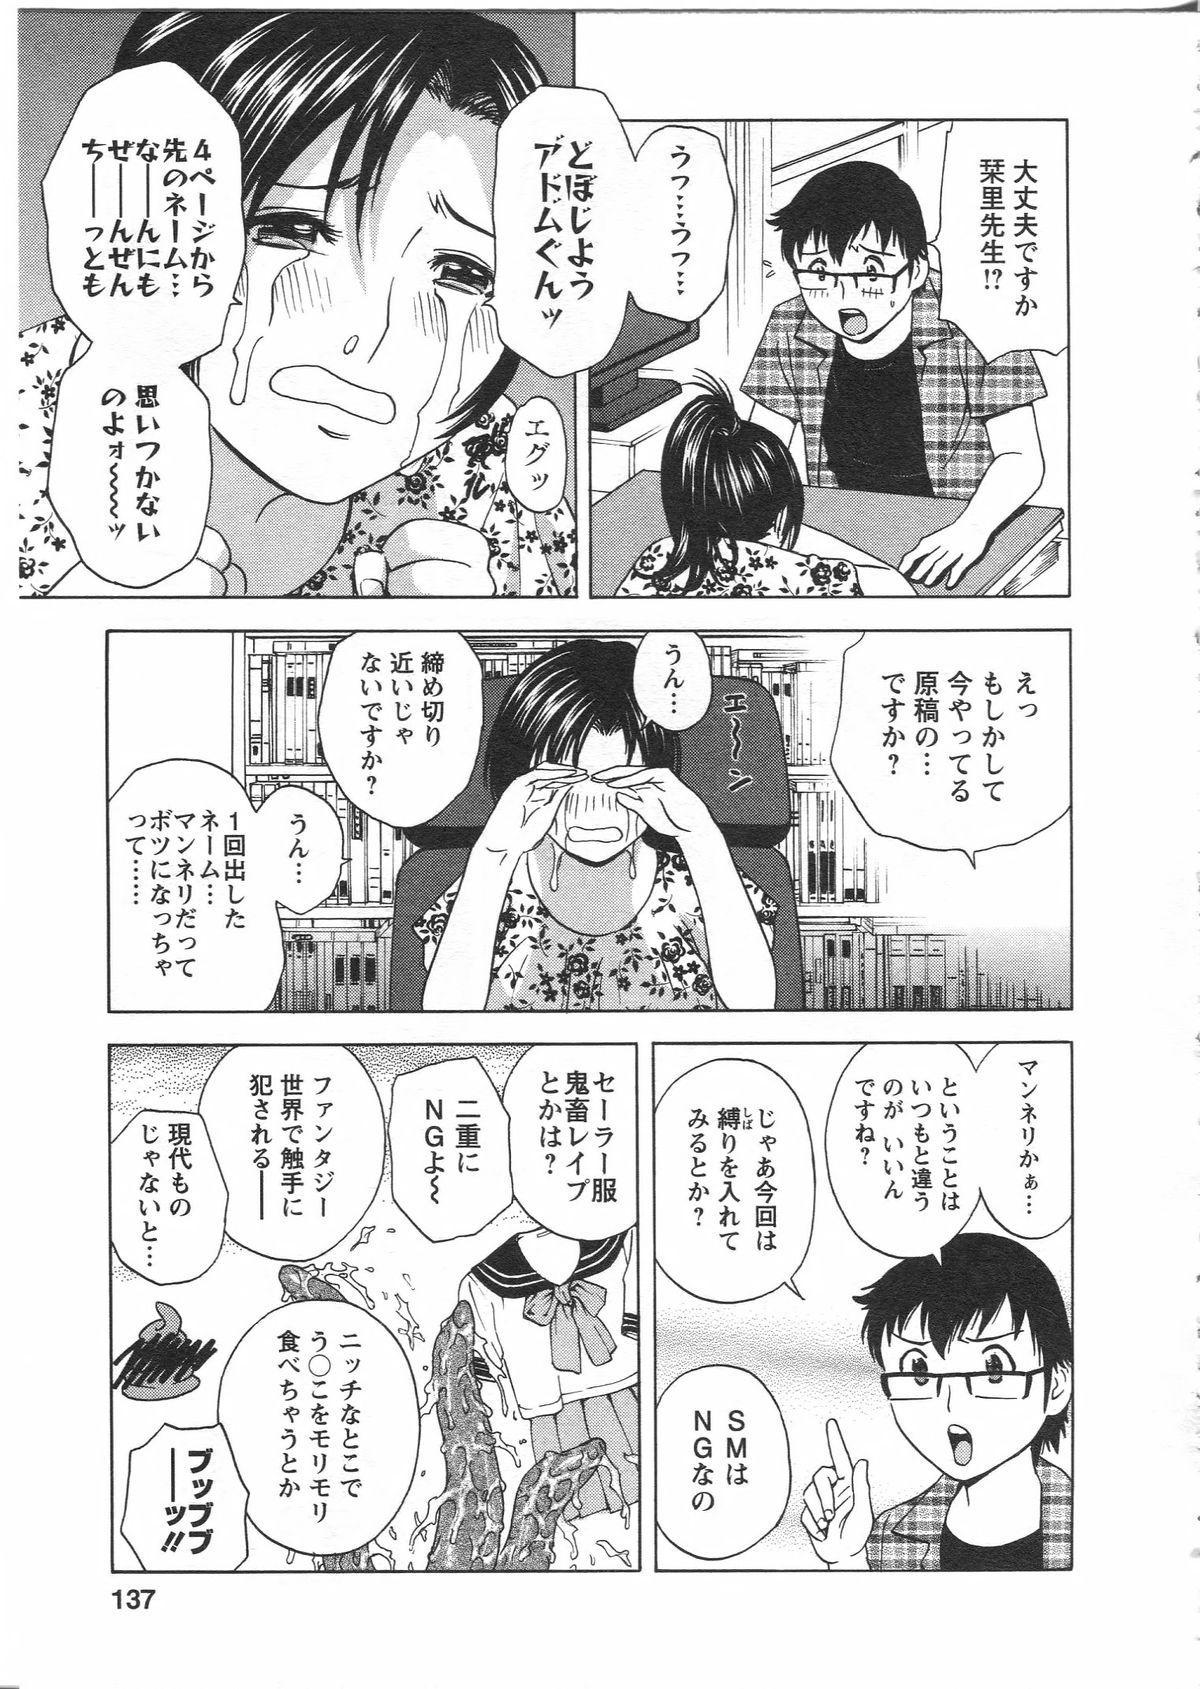 Manga no youna Hitozuma to no Hibi - Days with Married Women such as Comics. 136